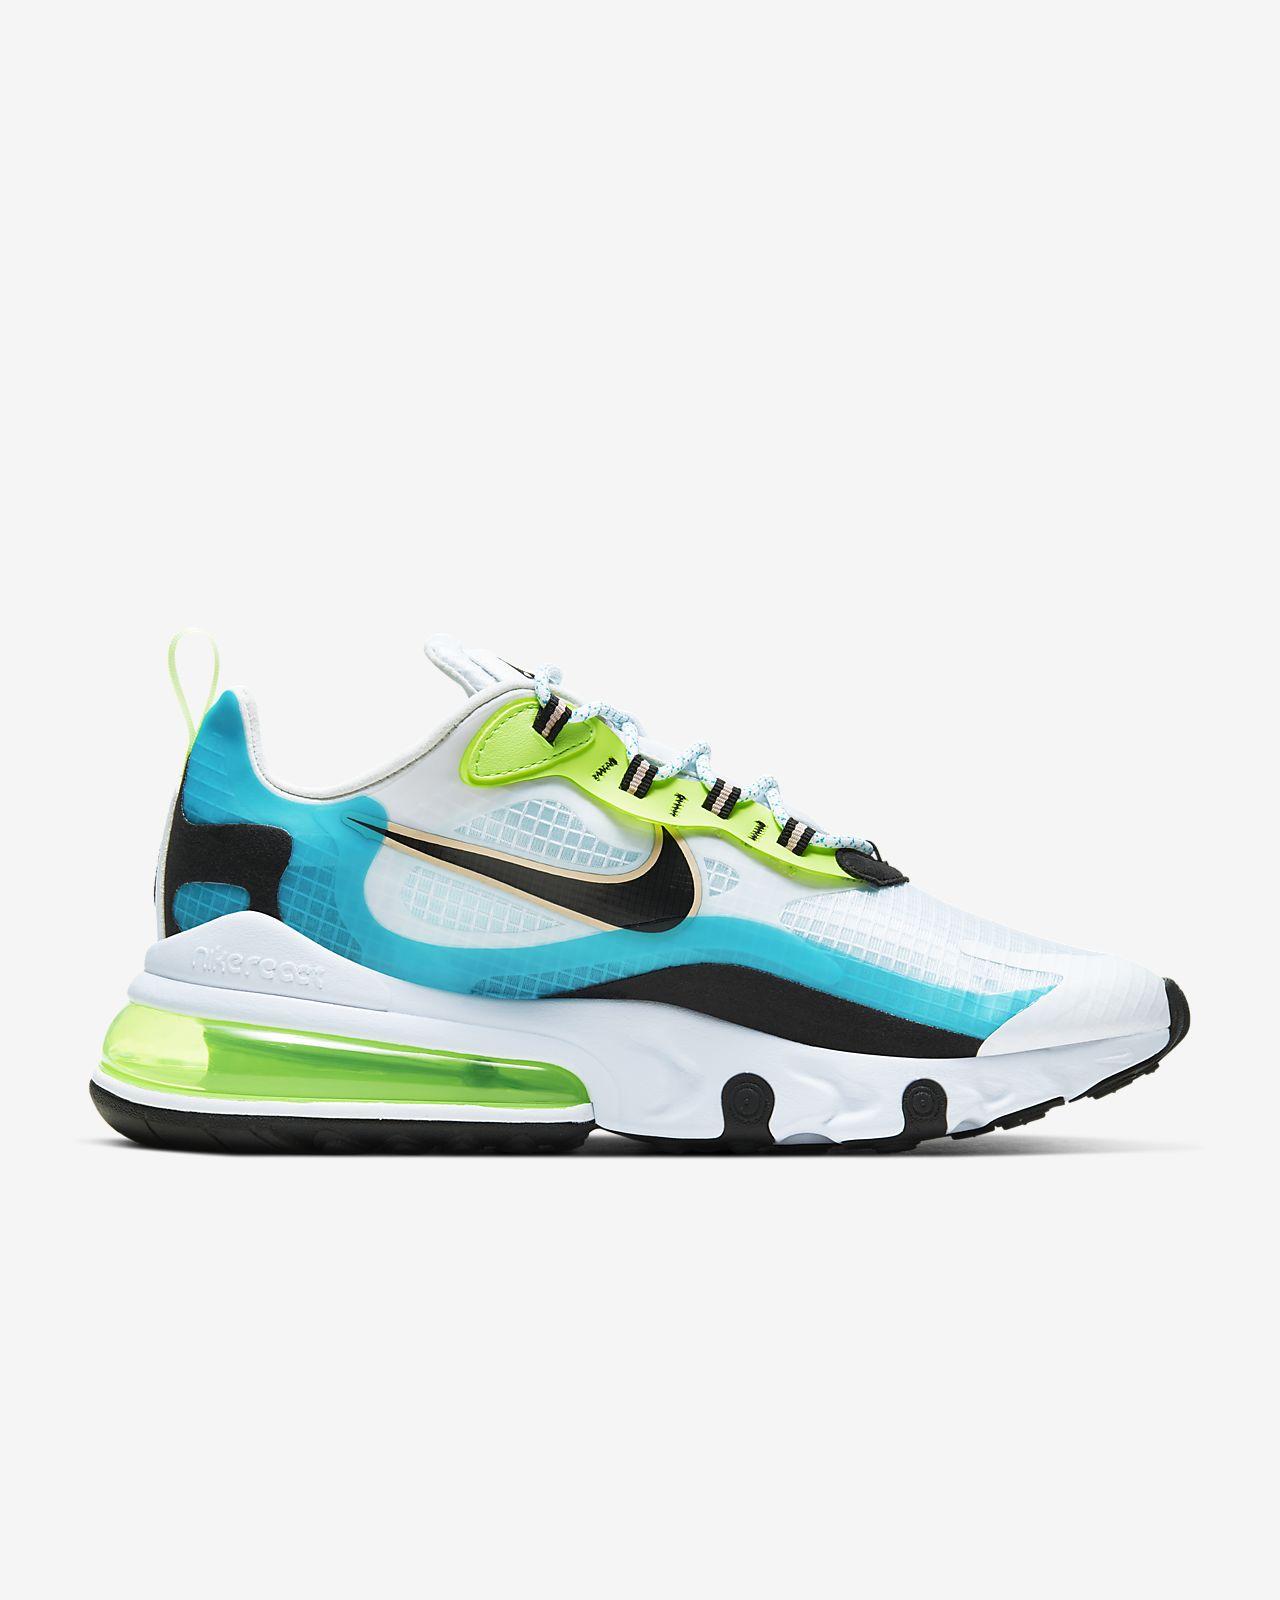 Sko Nike Air Max 270 React SE för män